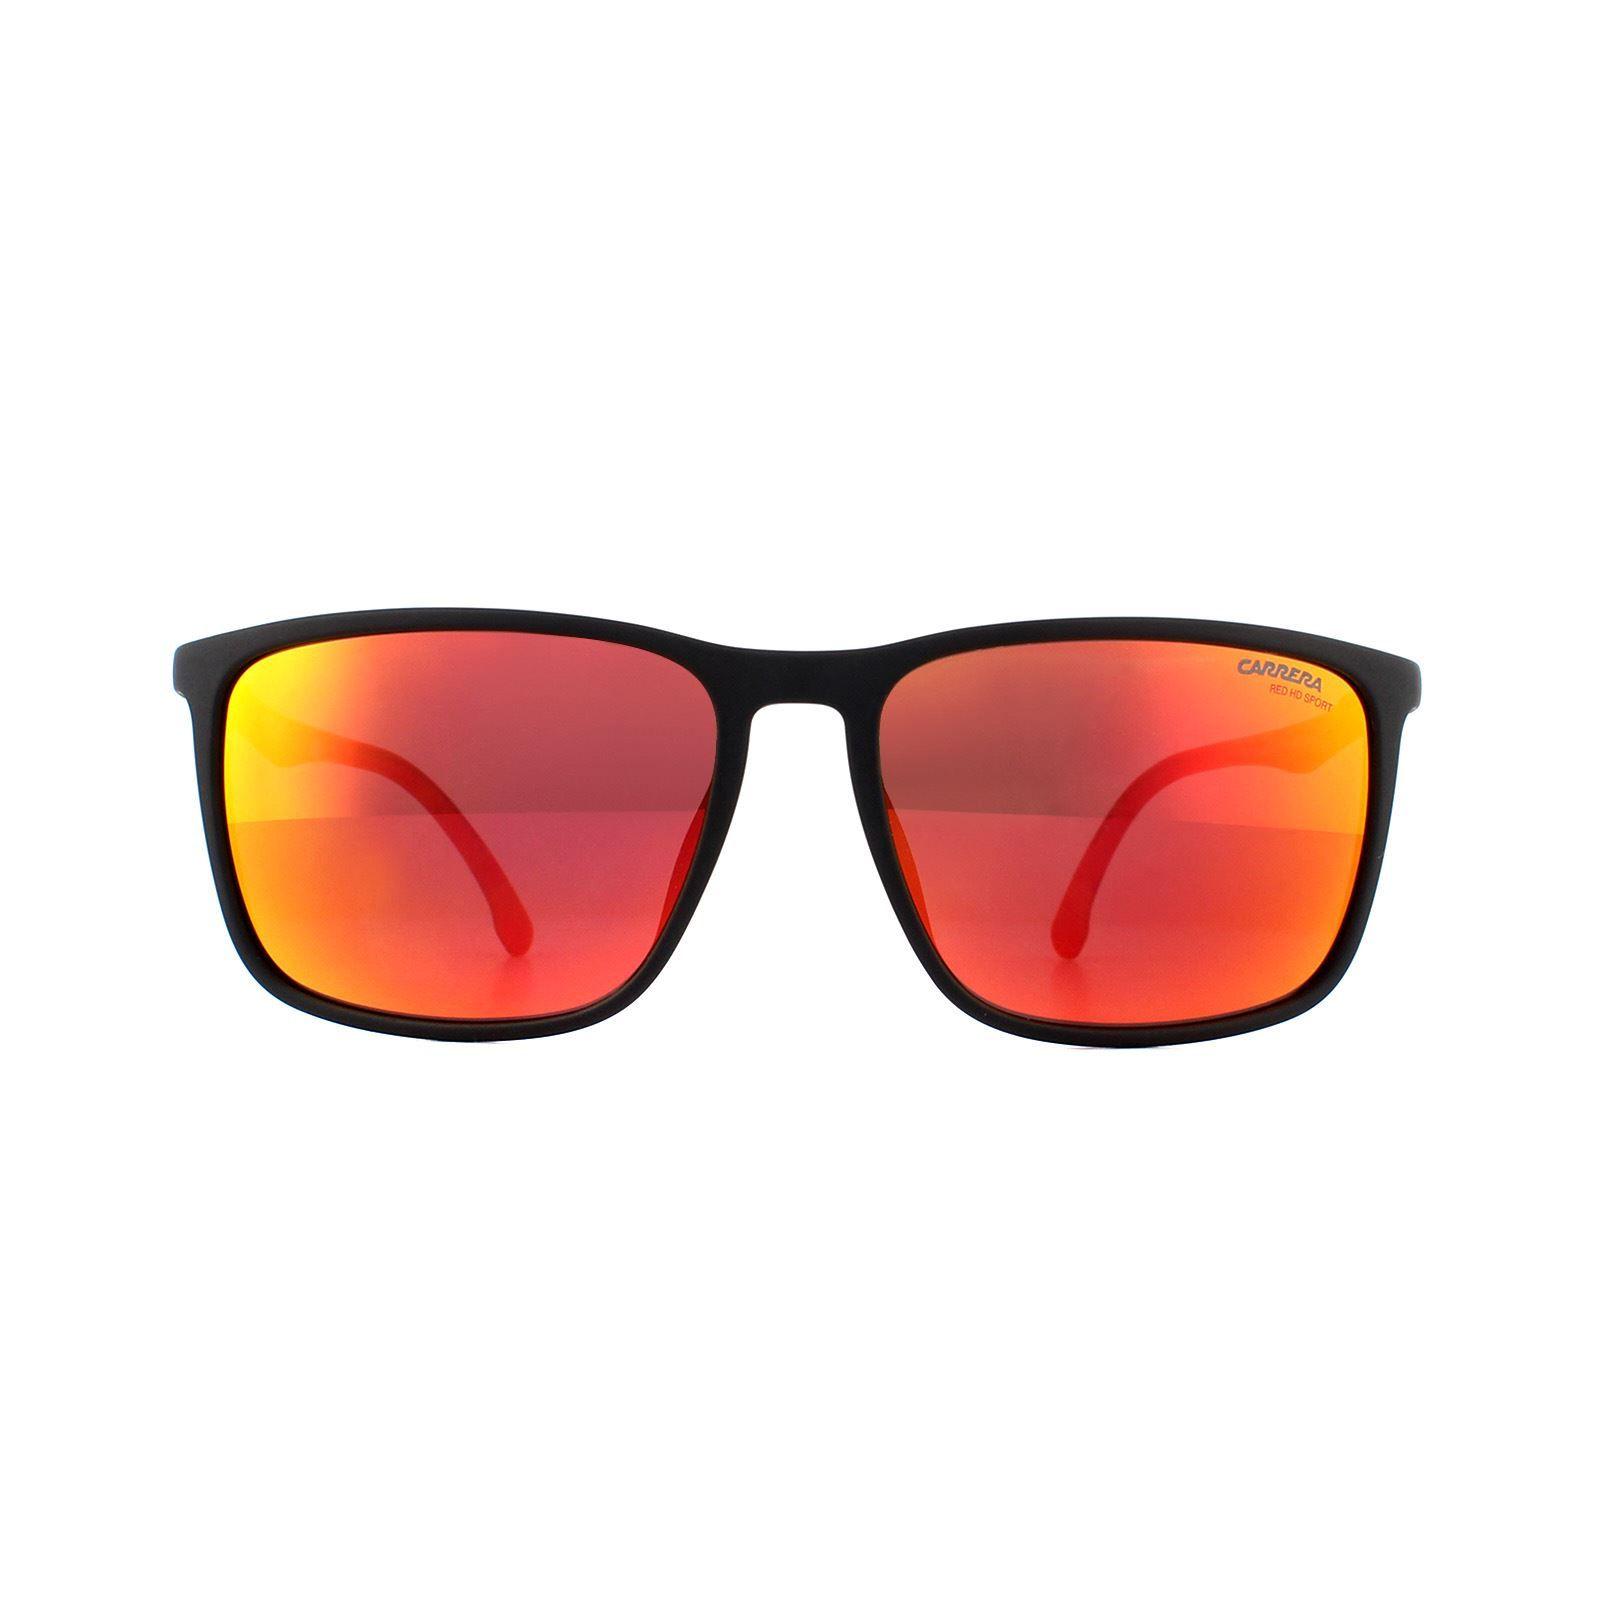 Carrera Sunglasses 8031/S BLX W3 Matte Black Red Red Mirror